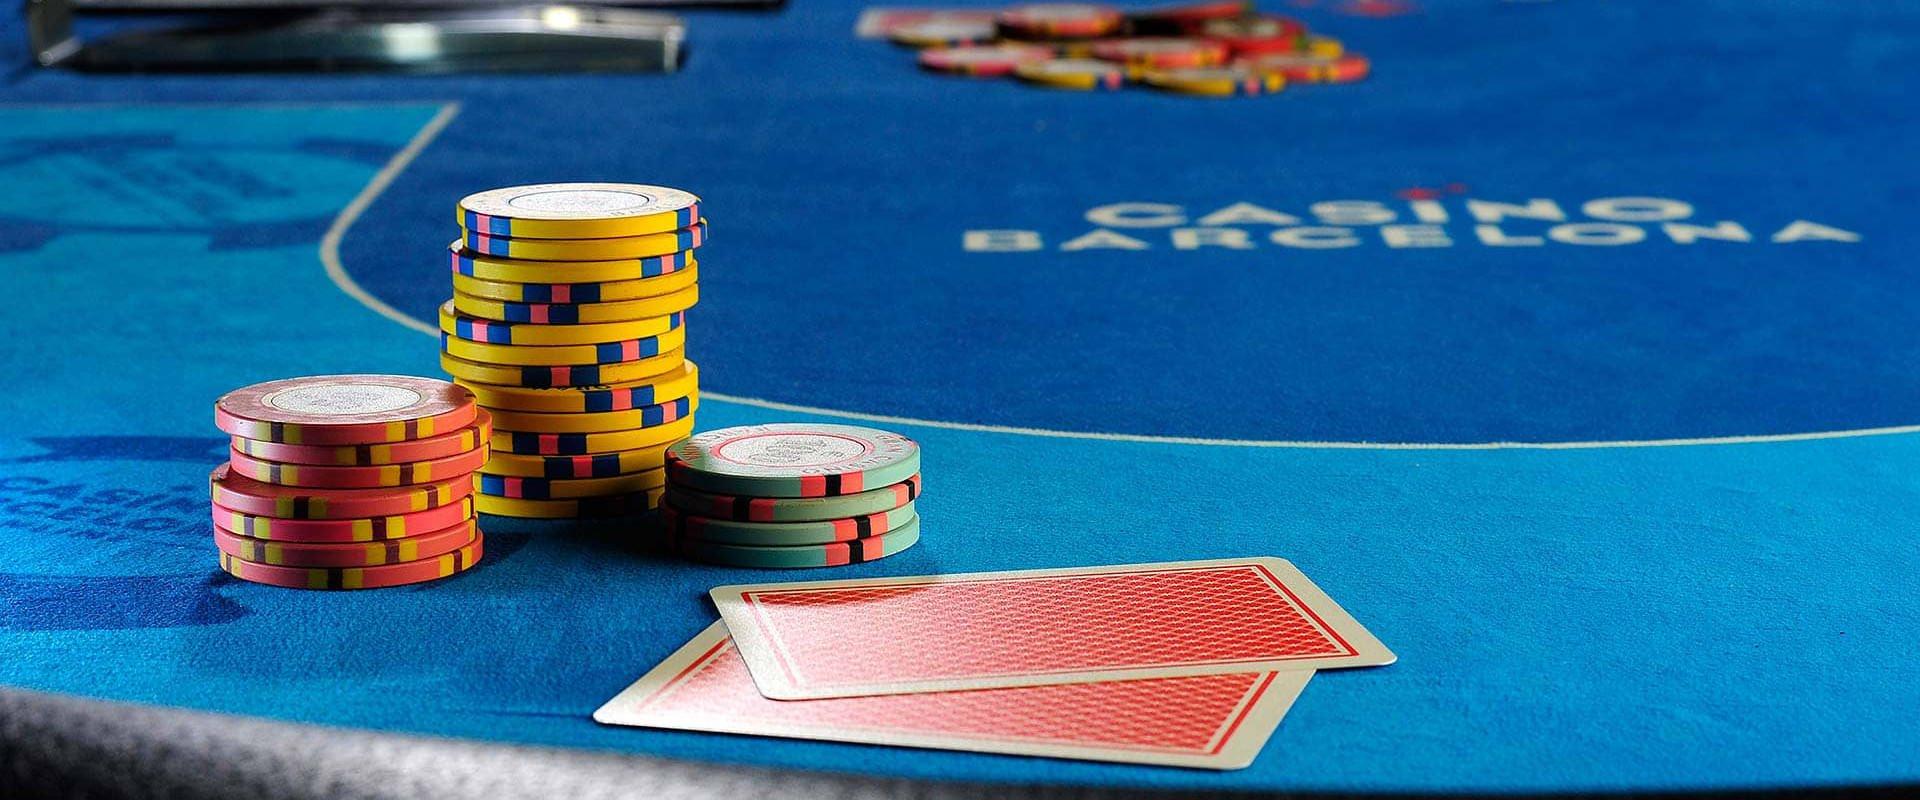 Шведские казино не согласны с введением лимита на депозит